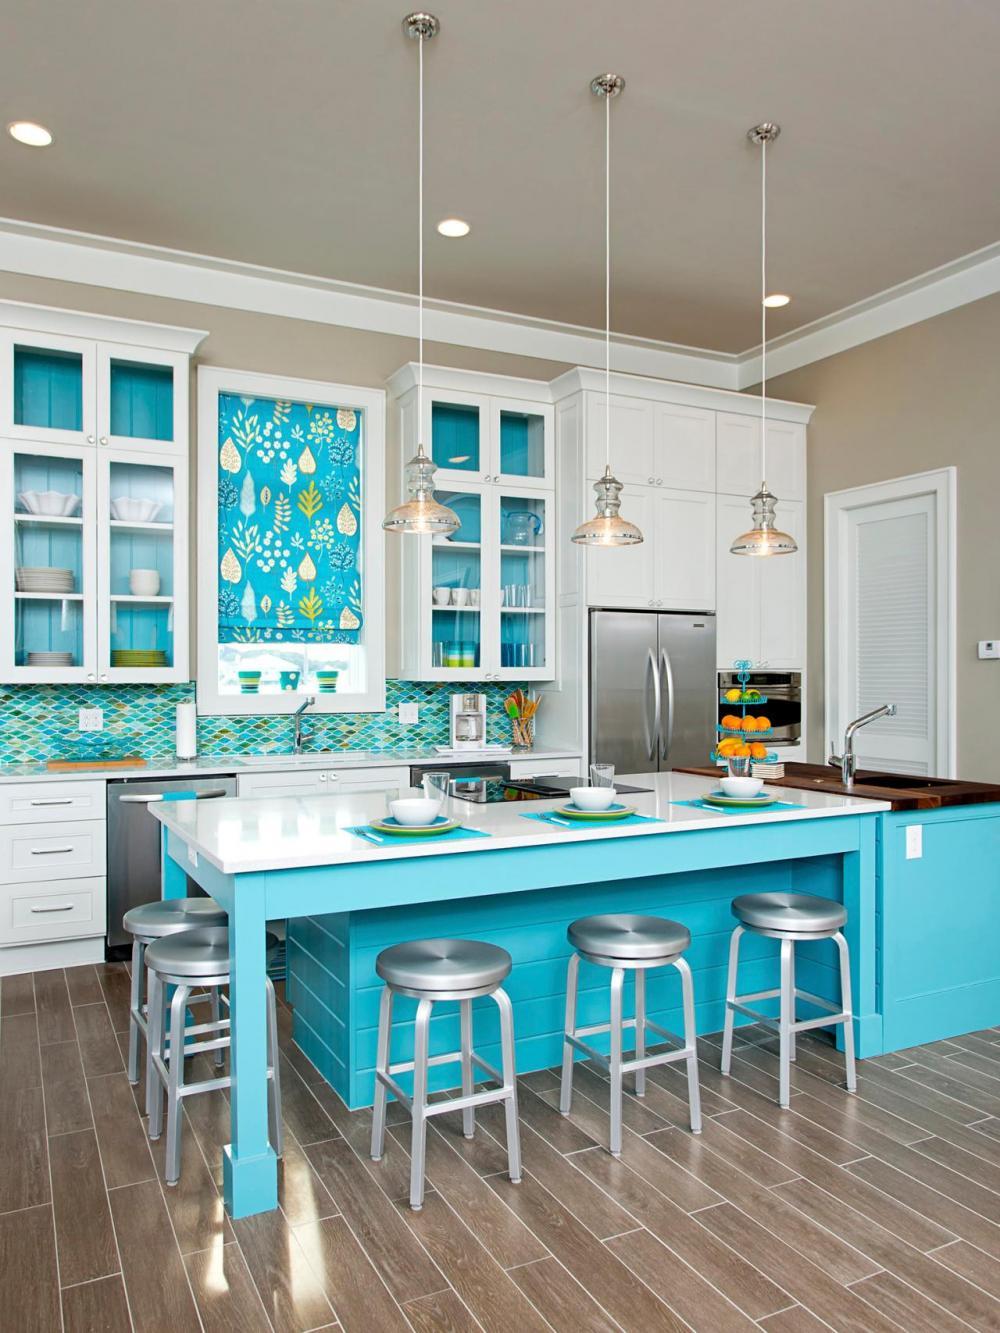 Phong thủy phòng bếp về màu và chất liệu mà bạn nên biết - Nhà Đẹp Số (5)